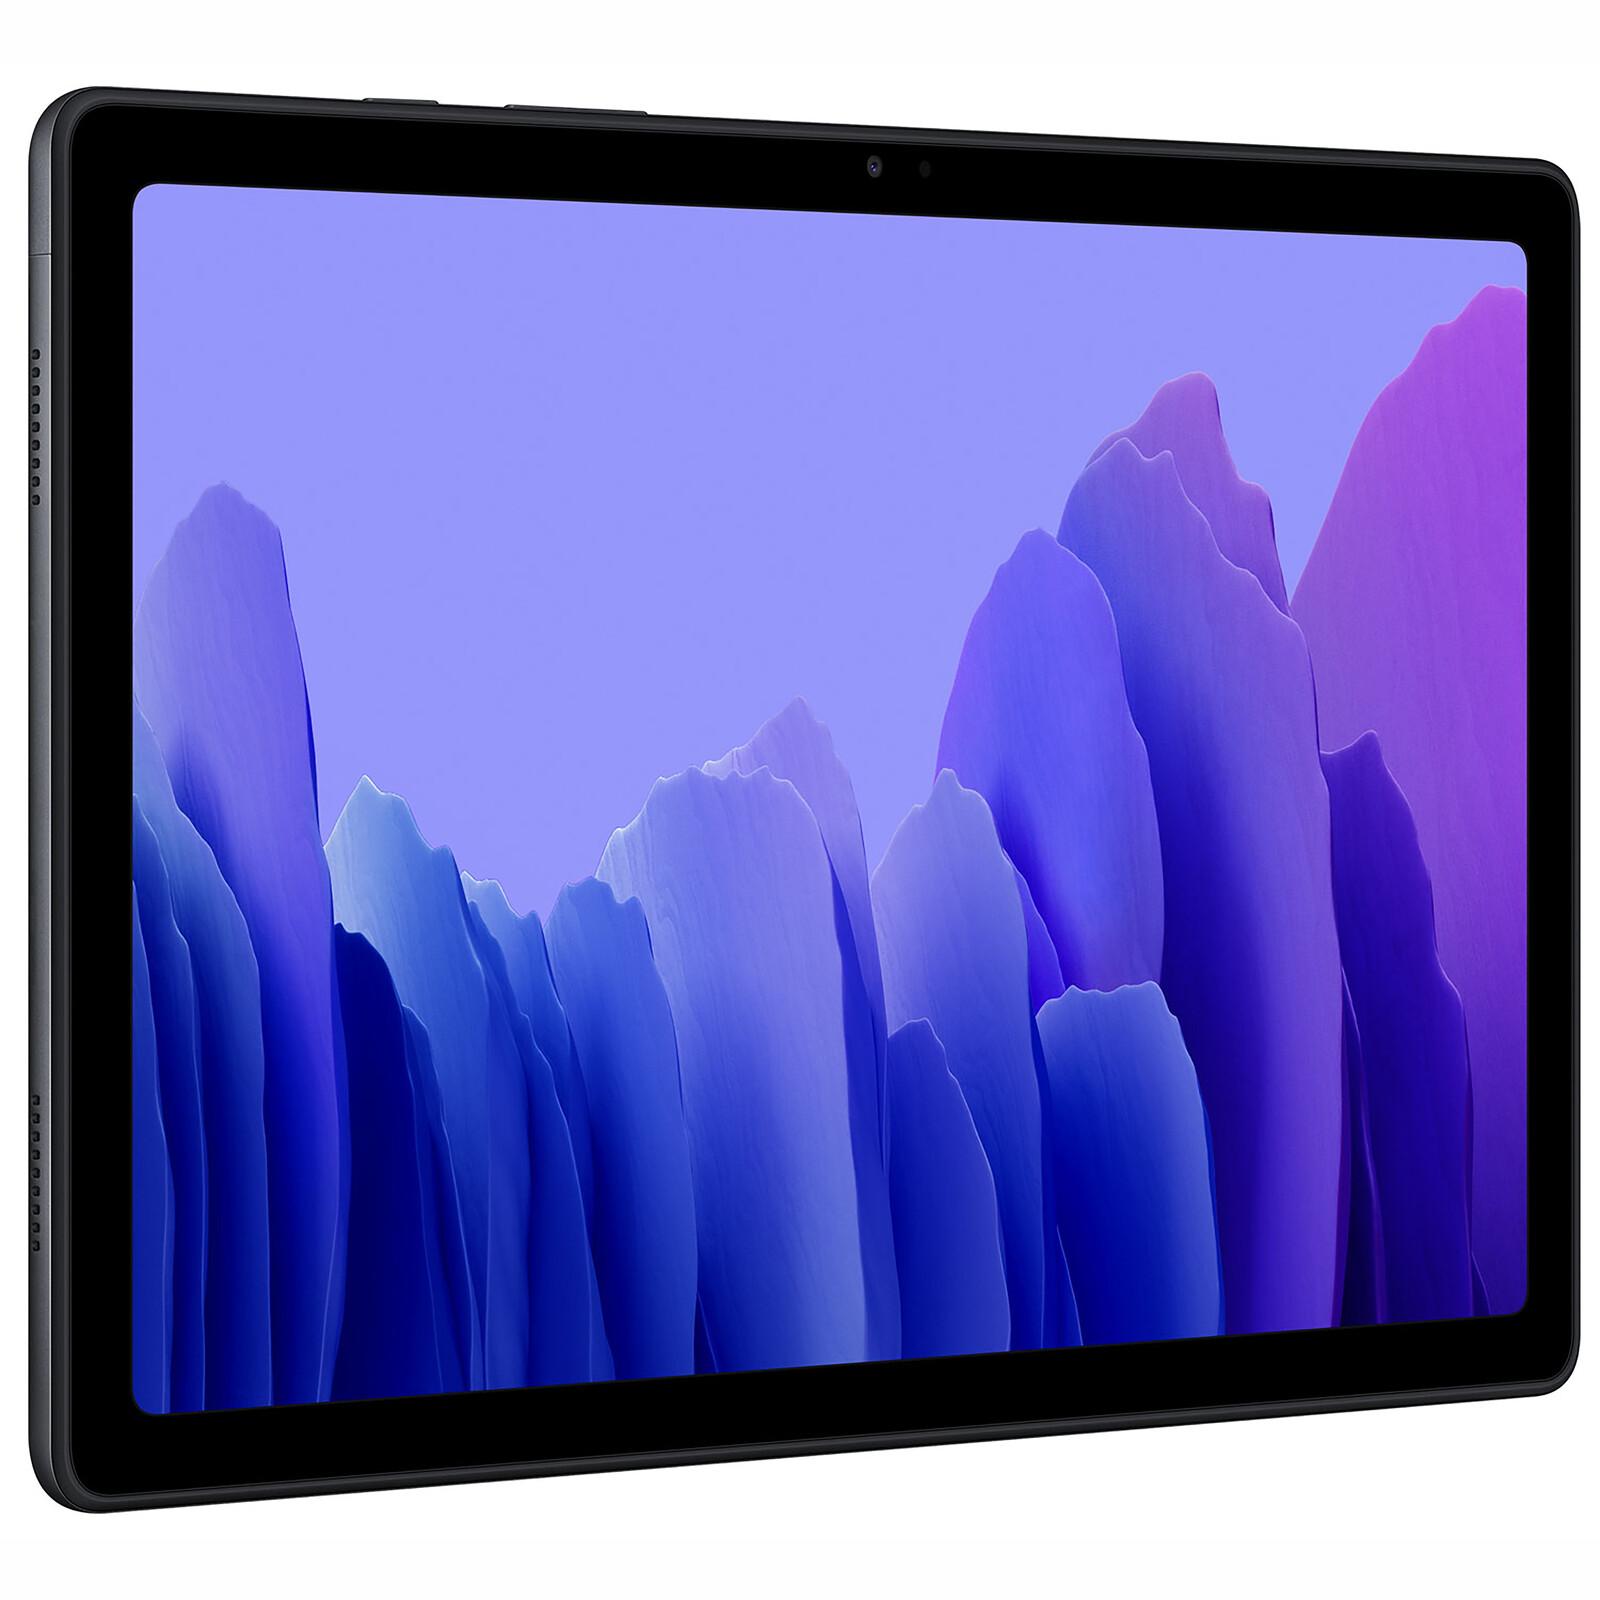 Samsung Galaxy Tab A7 10.4 32GB WIFI grau